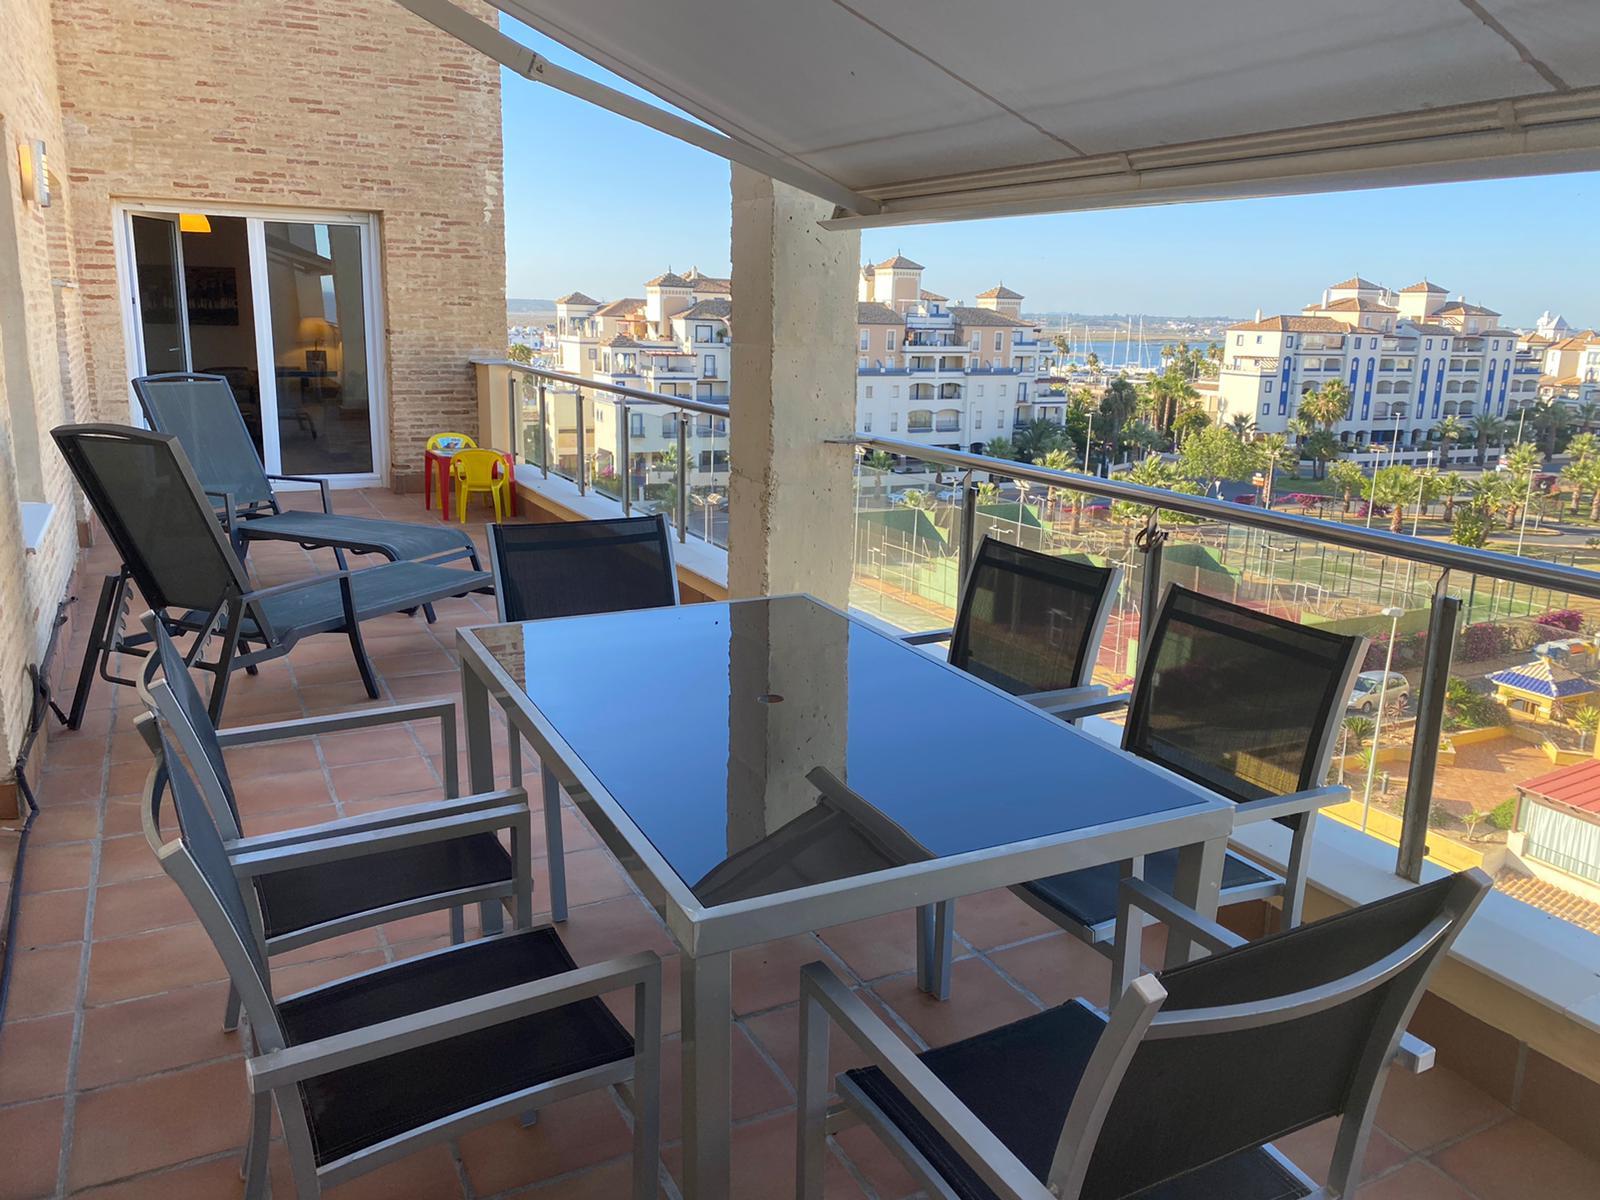 Imagen 47 del Apartamento Turístico, Ático 6 Levante (3d+2b), Punta del Moral (HUELVA), Paseo de la Cruz nº22